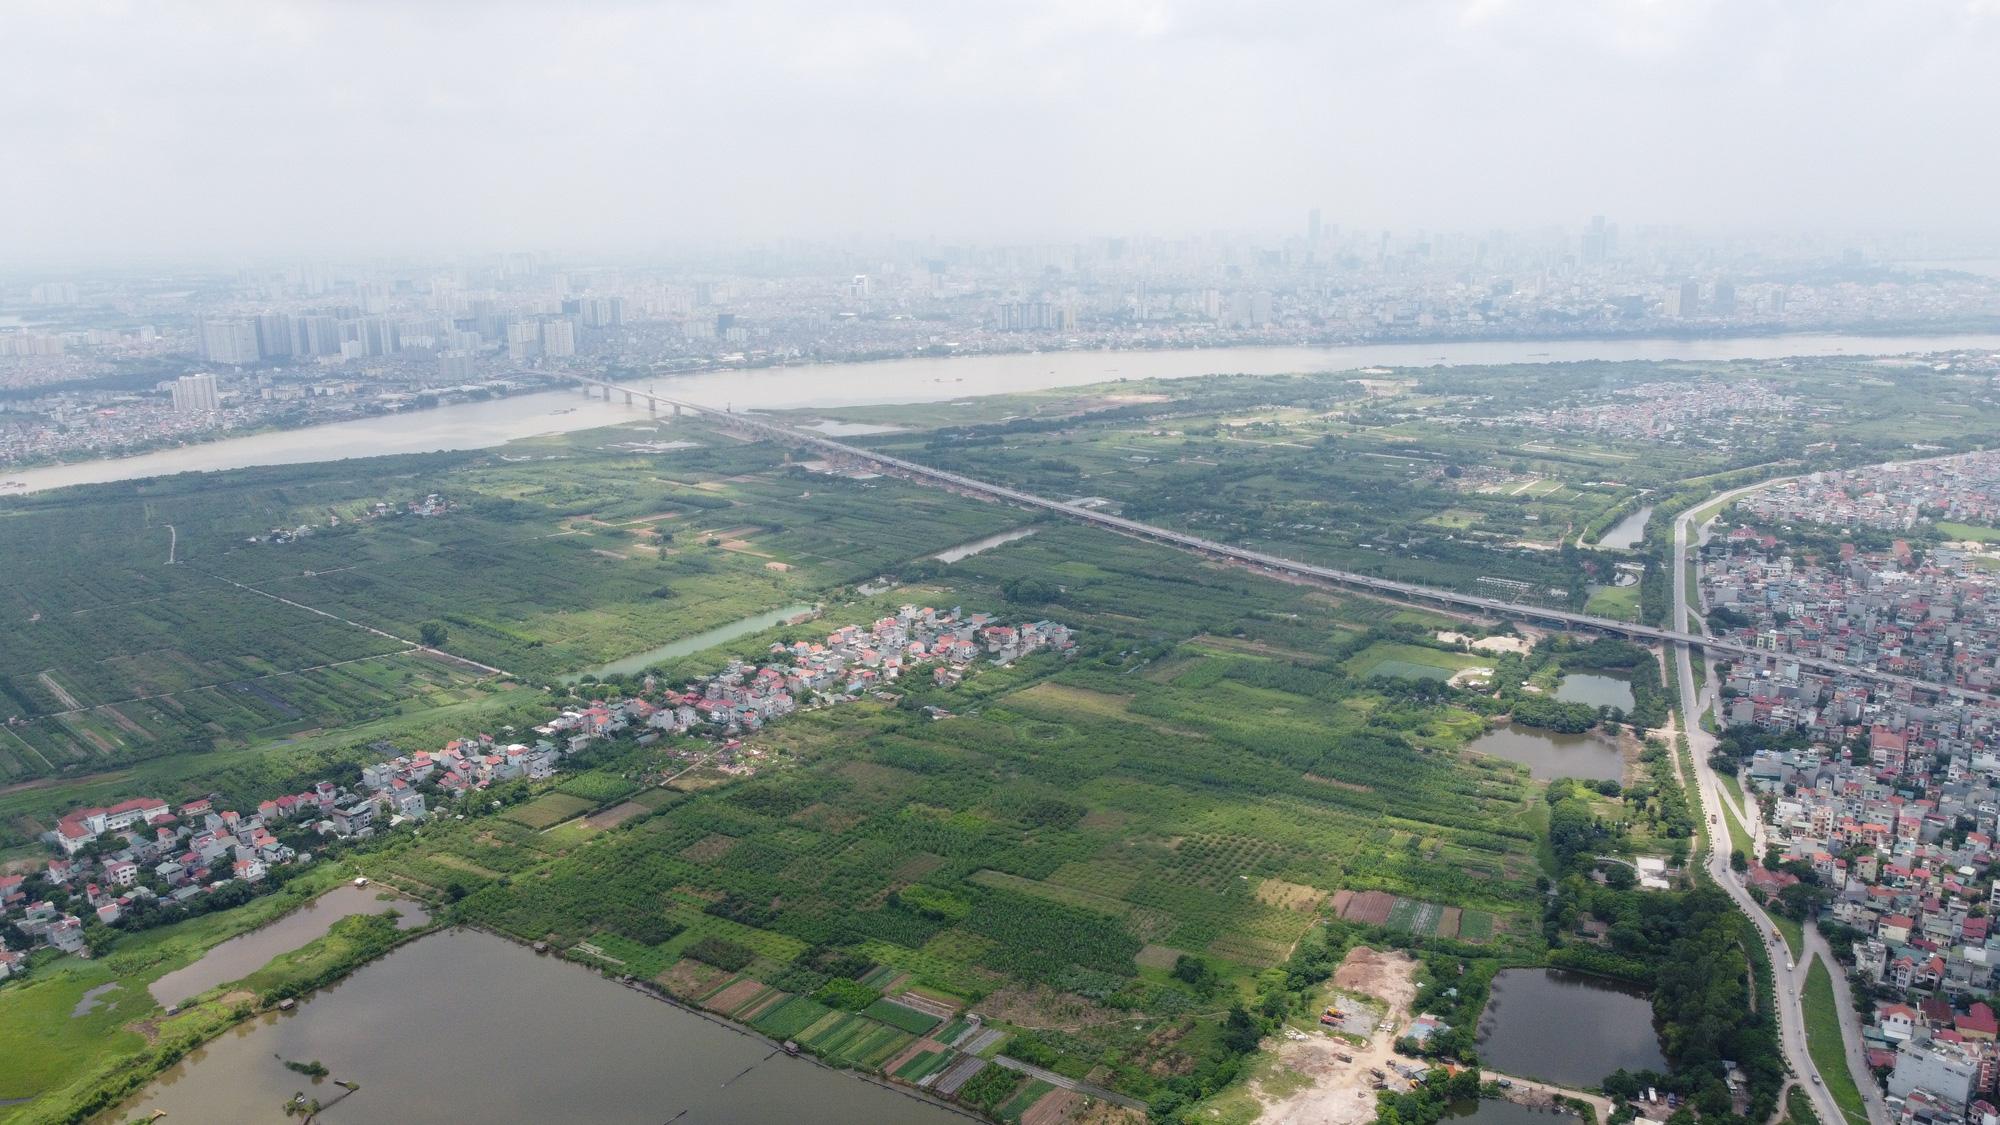 9 bãi sông có thể được xây dựng trong phân khu đô thị sông Hồng - Ảnh 1.